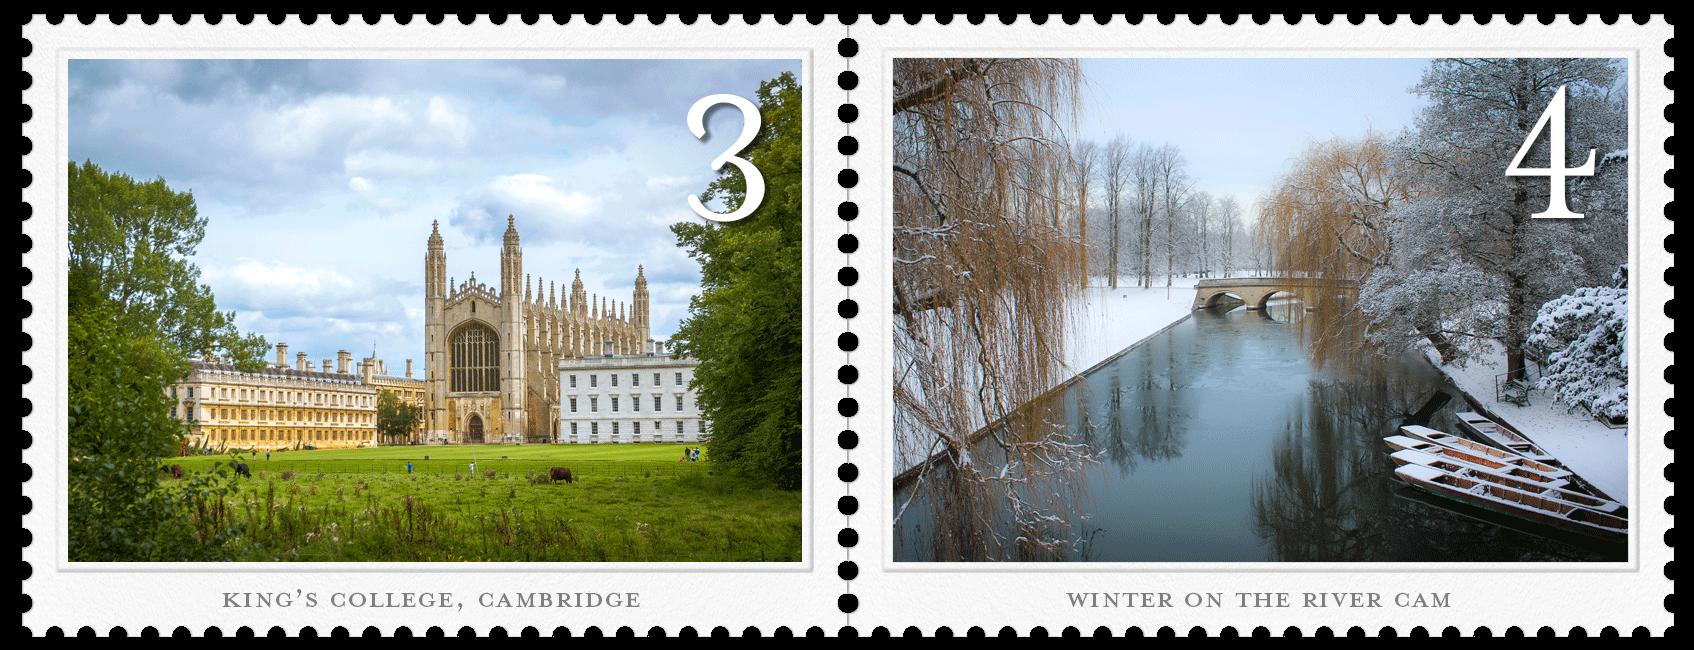 Cambridge Philatelic Society – Cambridge Philatelic Society